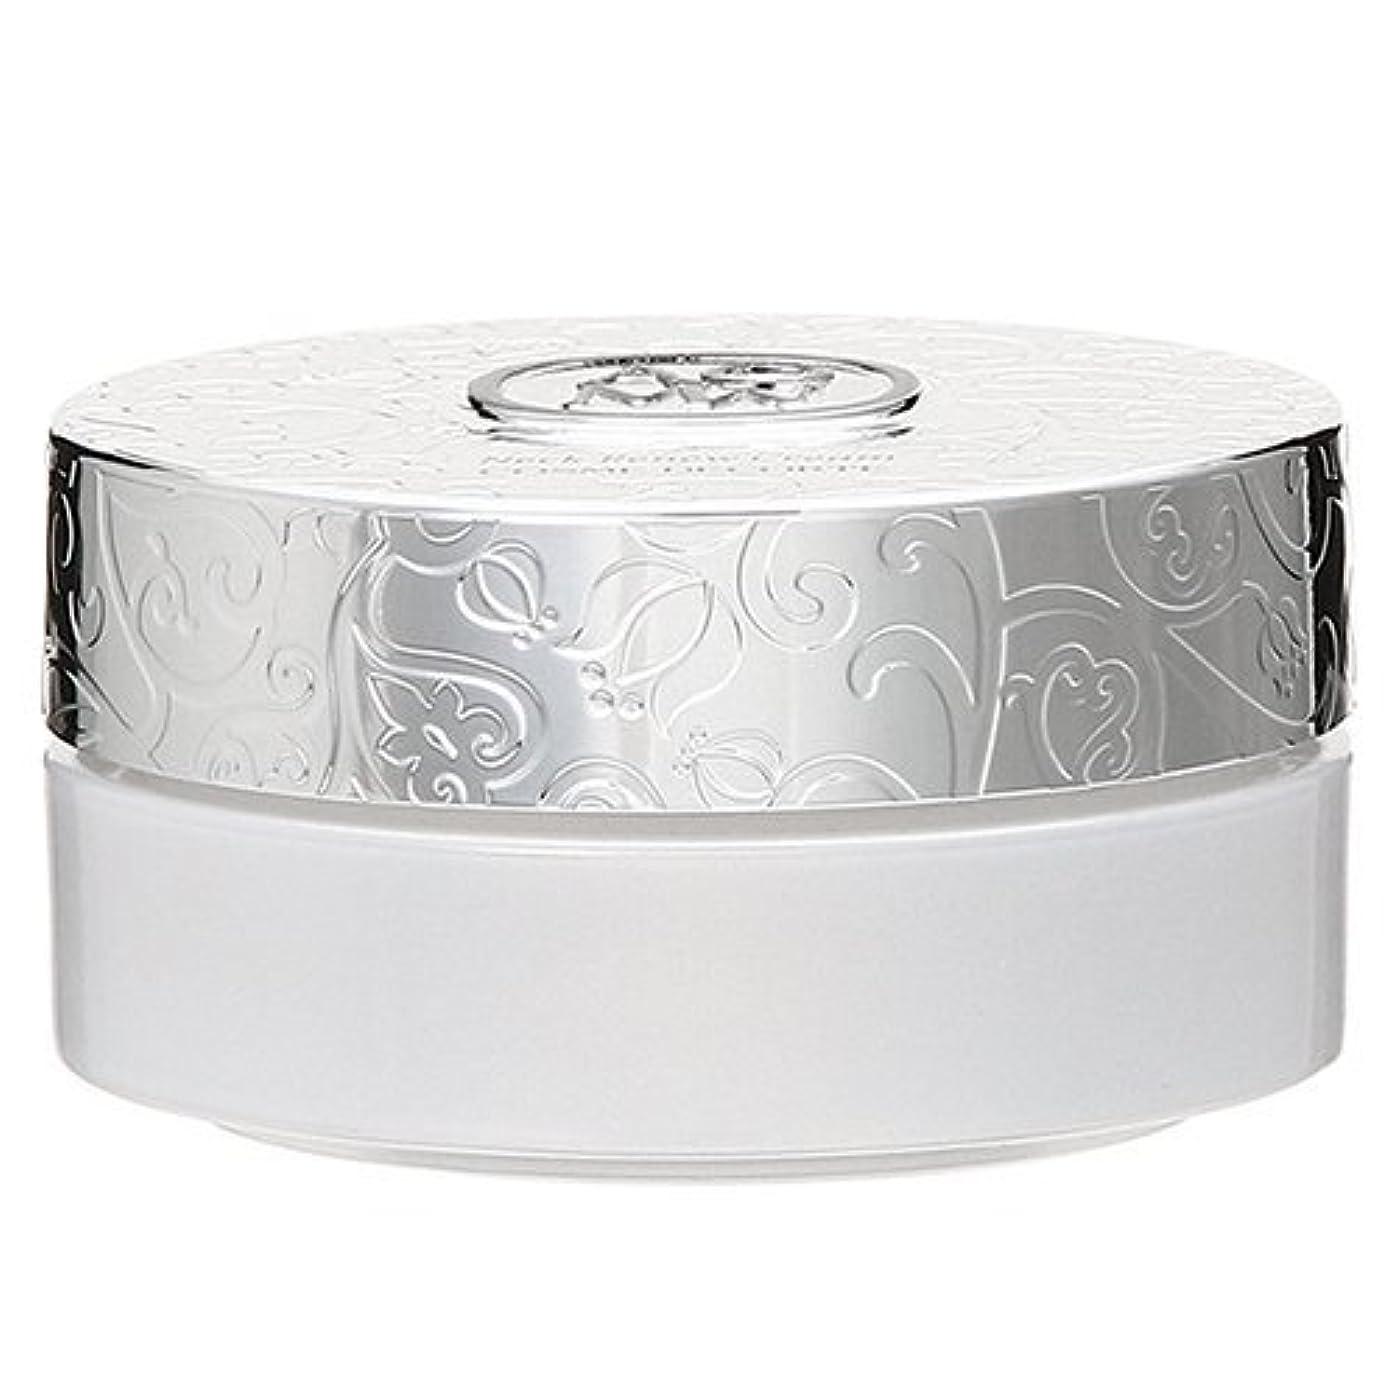 染料掃除延ばすコーセー コスメデコルテ AQMW ネックリニュークリーム 50g